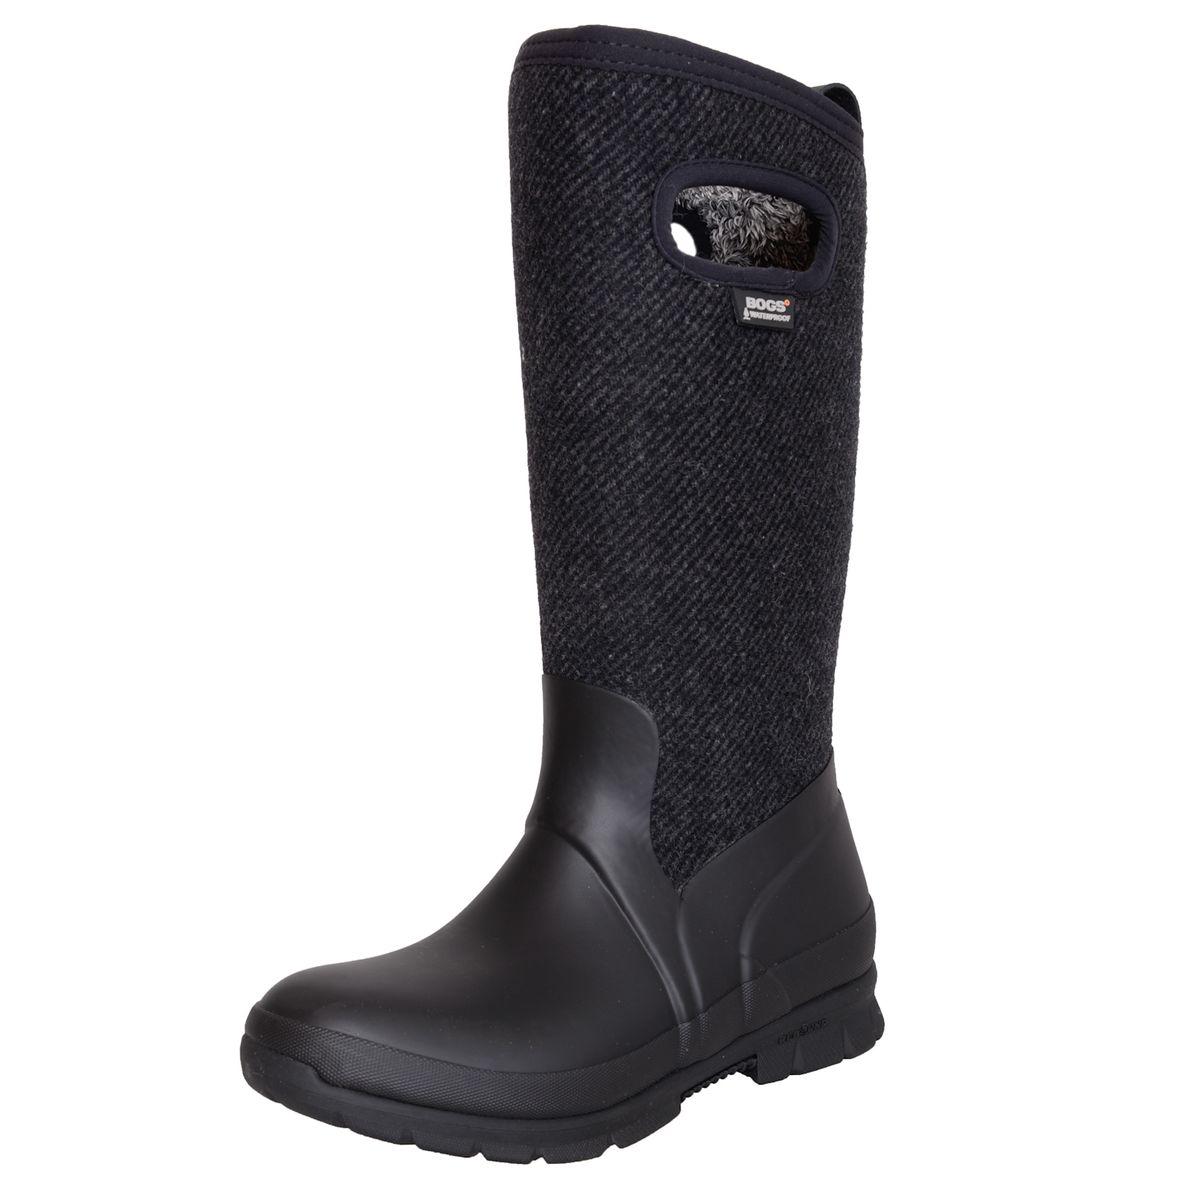 Gefütterter Herbst / Winter Stiefel in Schwarz von BOGS günstig online kaufen